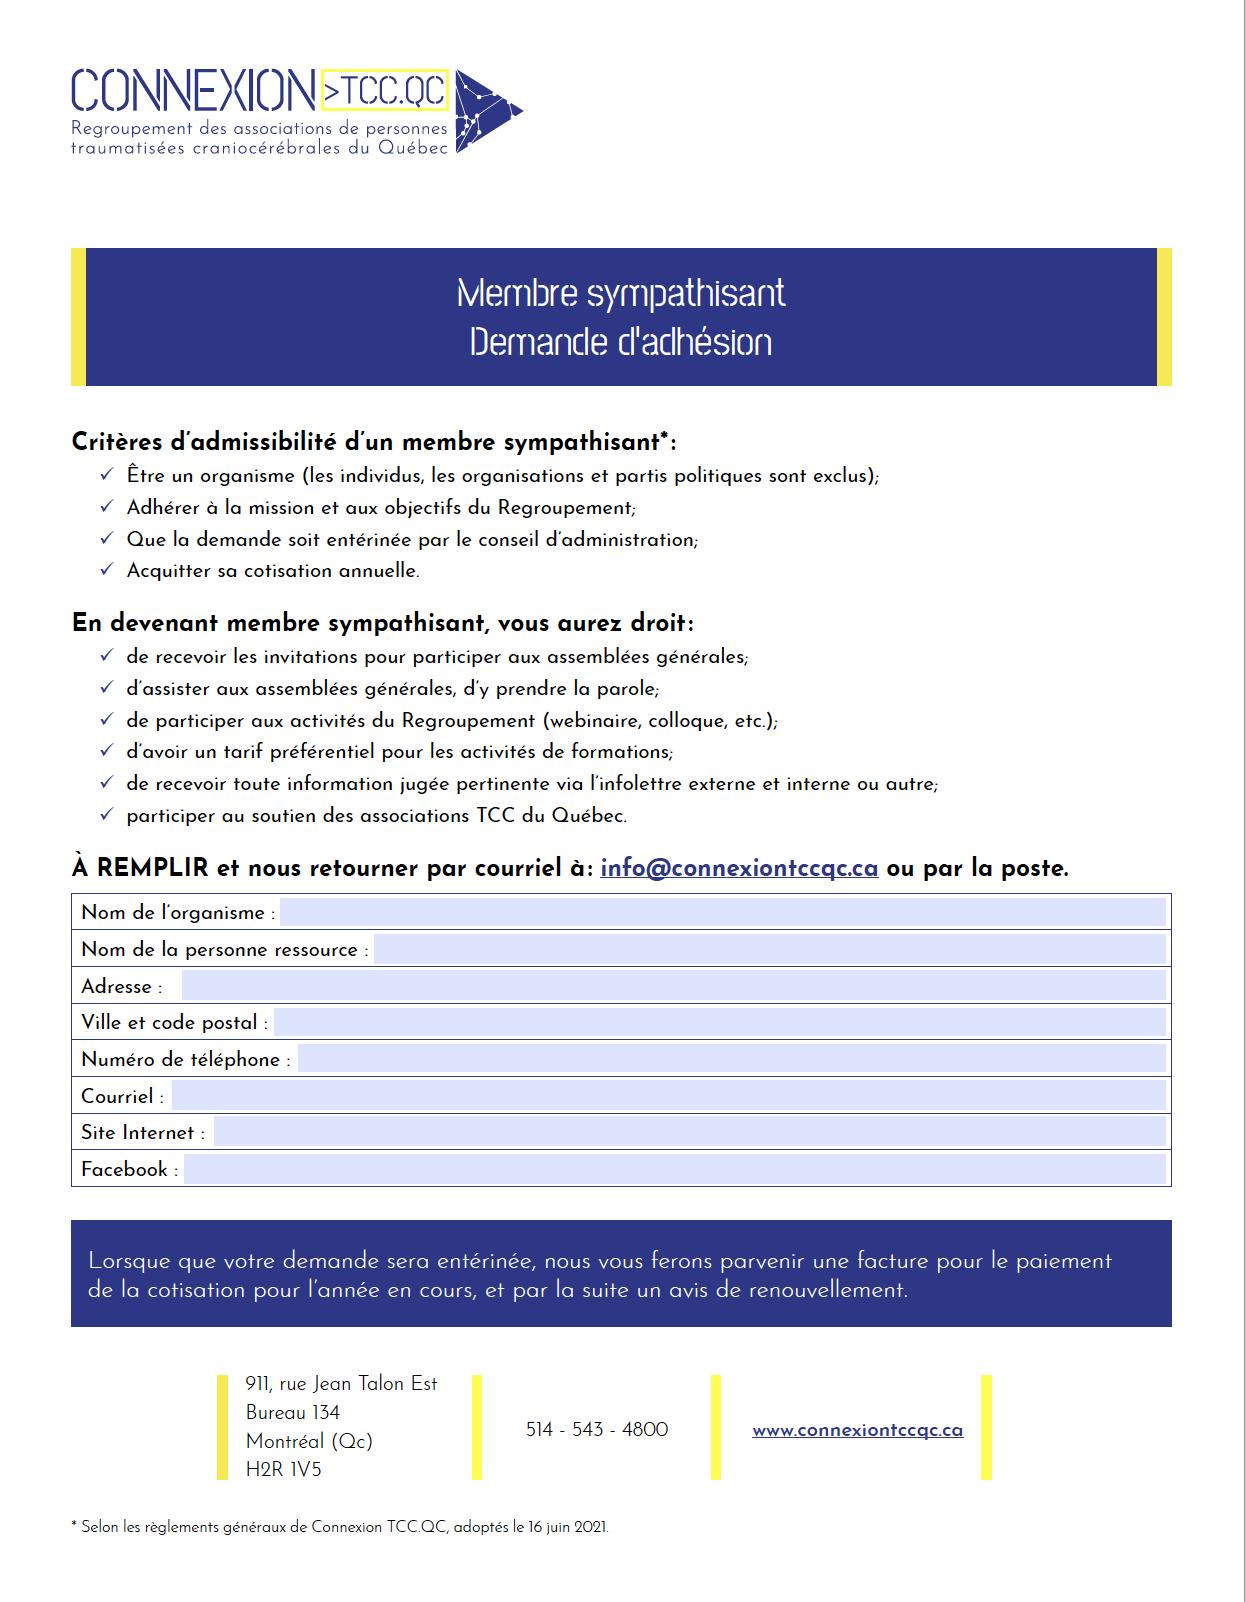 Aperçu du formulaire d'adhésion pour devenir membre sympathisant. Se référer au fichier pdf.